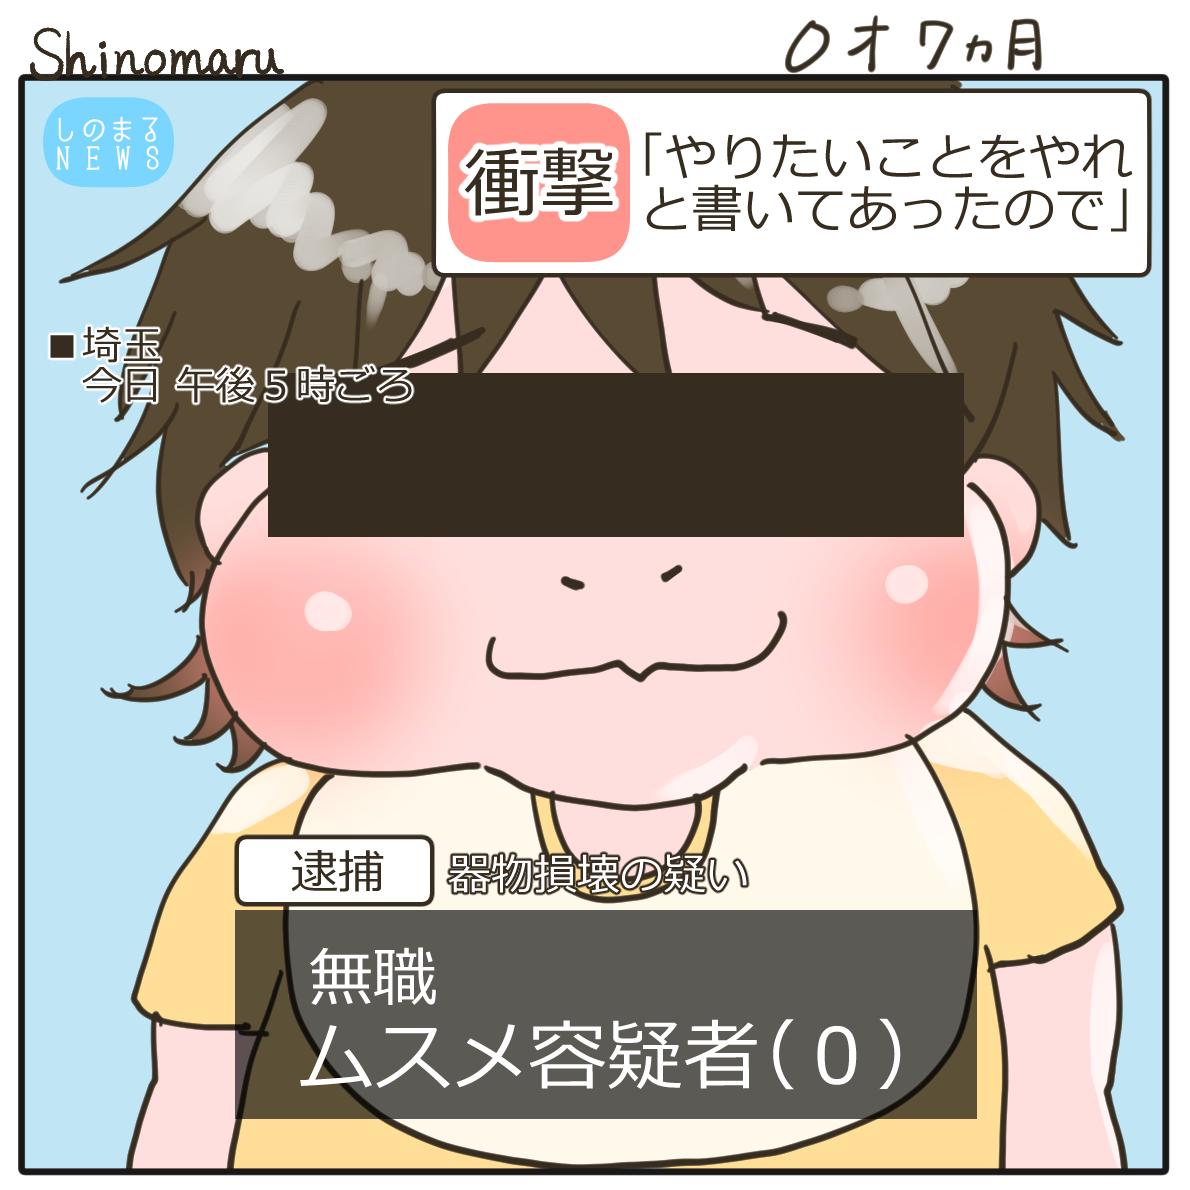 f:id:Shinomaru:20210608221902p:plain